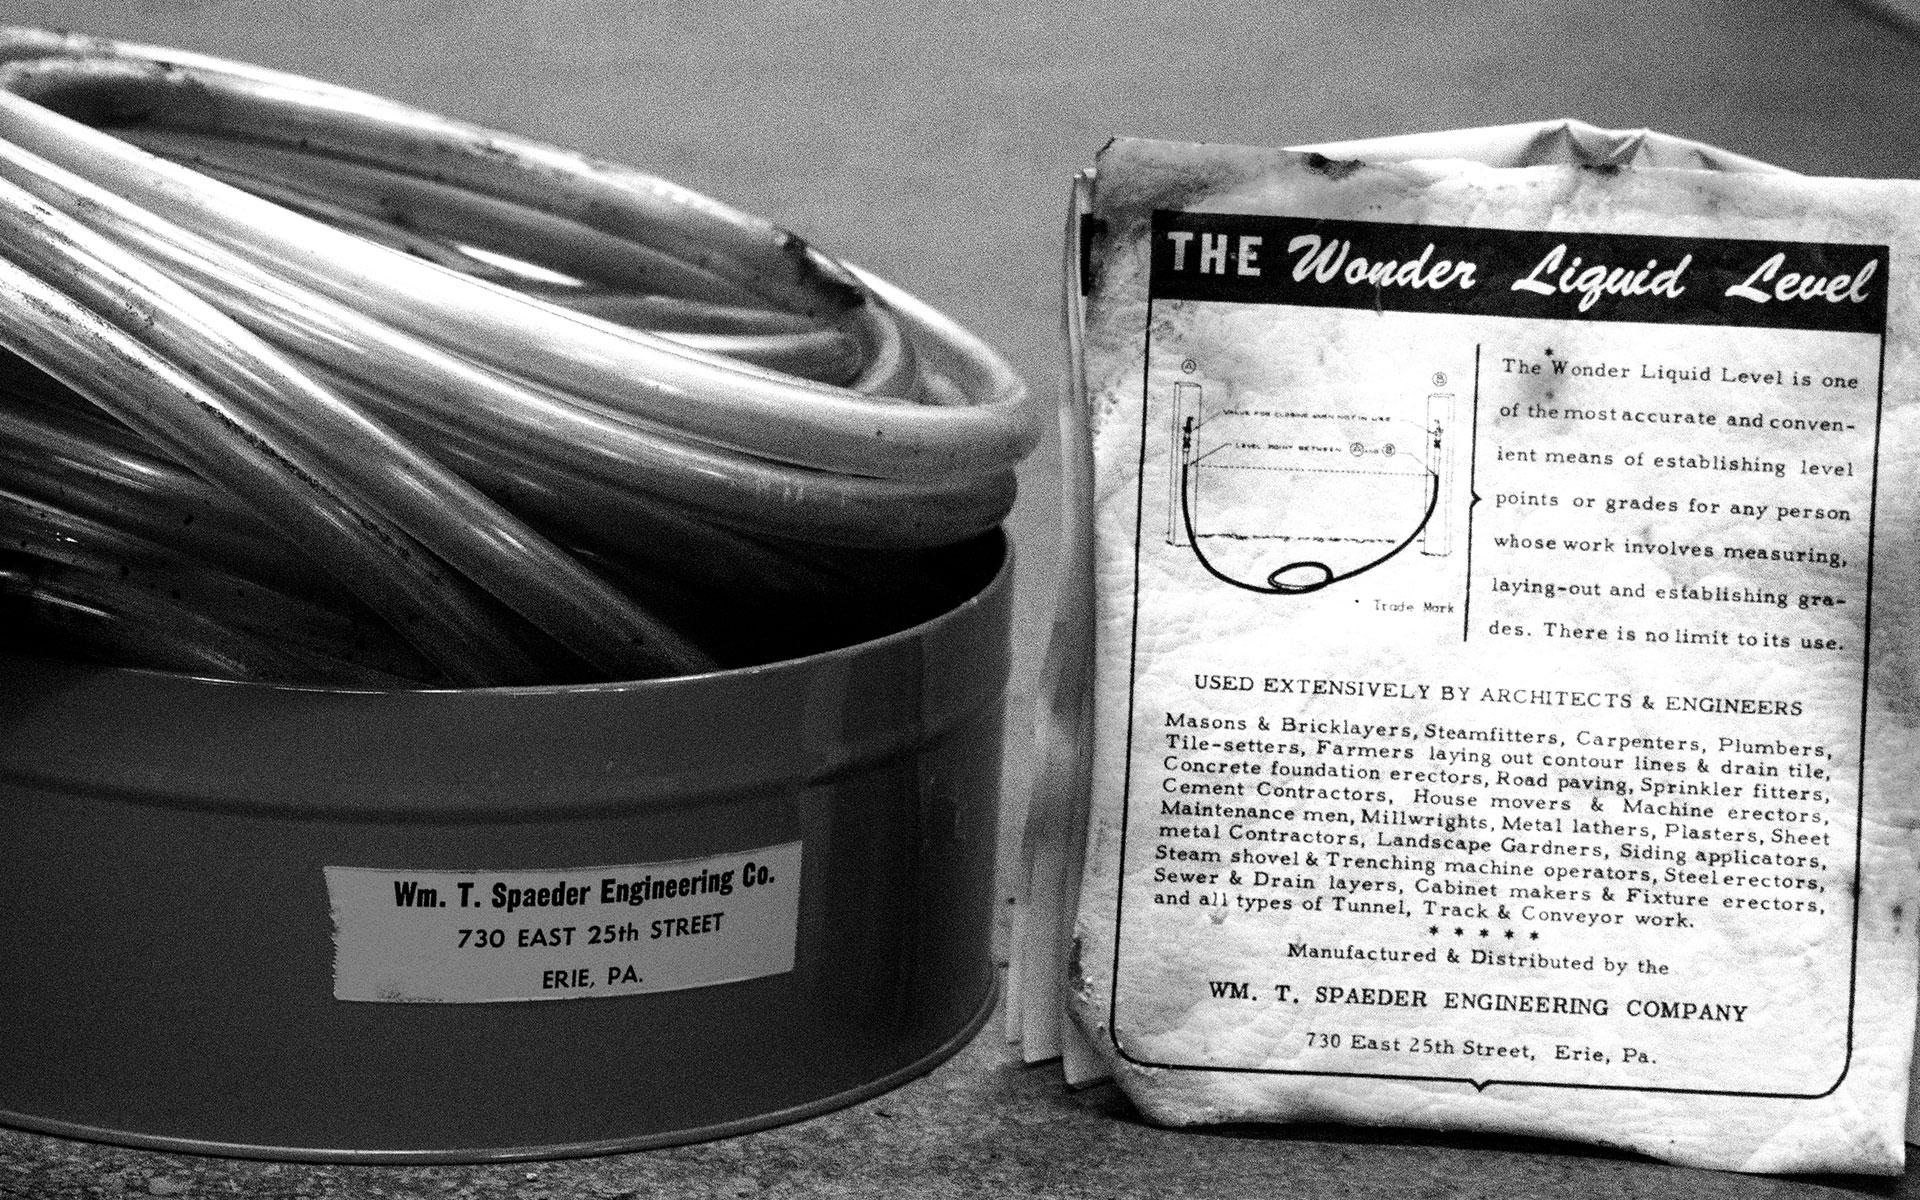 The Wonder Liquid Level by Wm.T. Spaeder in the 1960-1980's